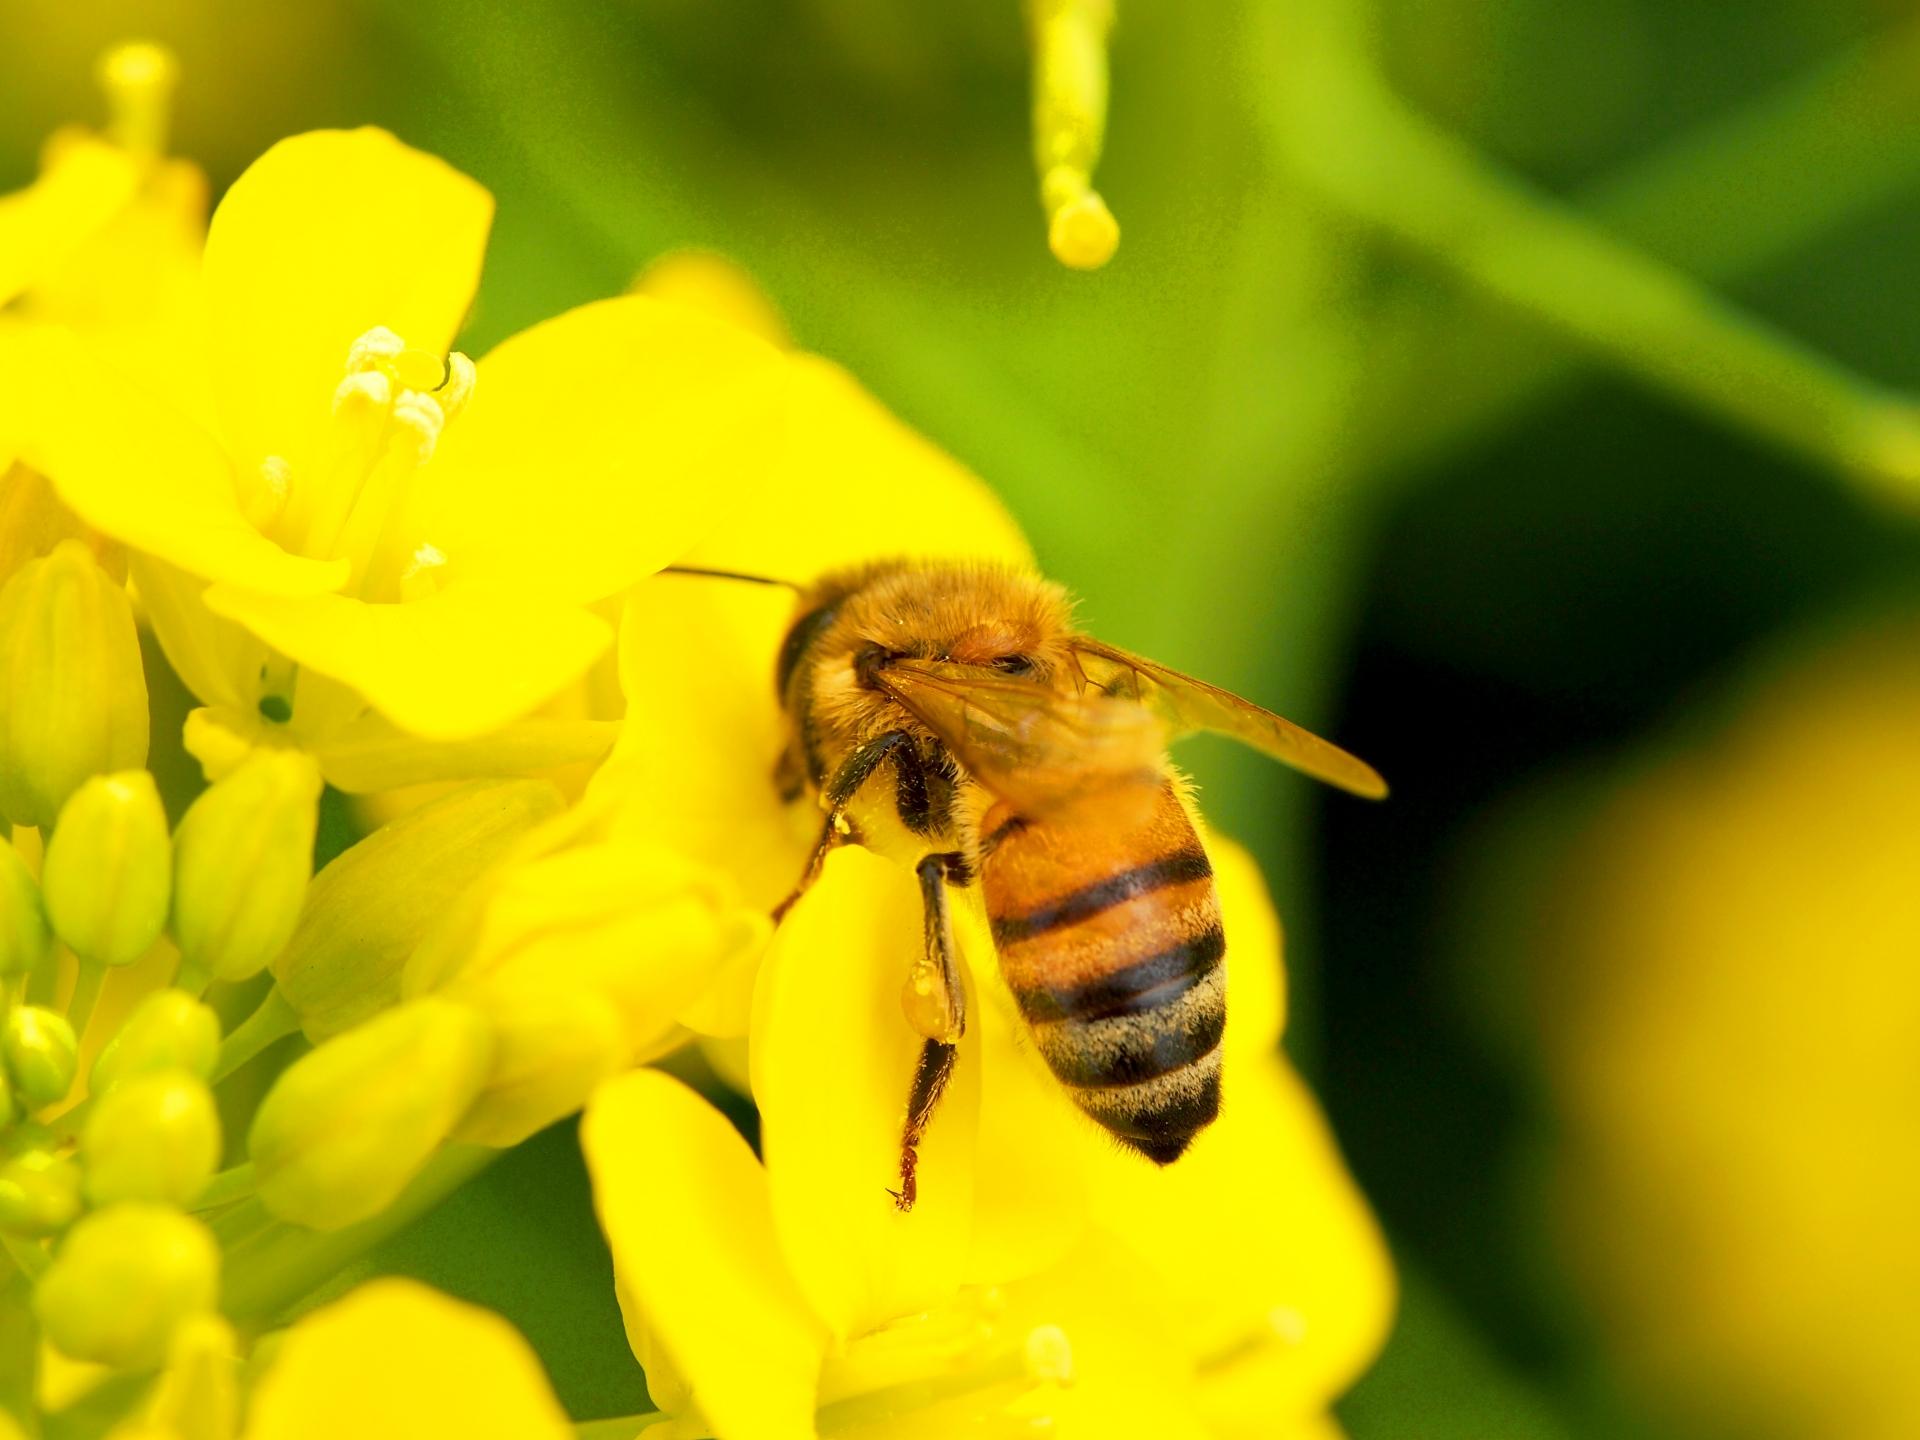 ミツバチとネオニコチノイド系農薬